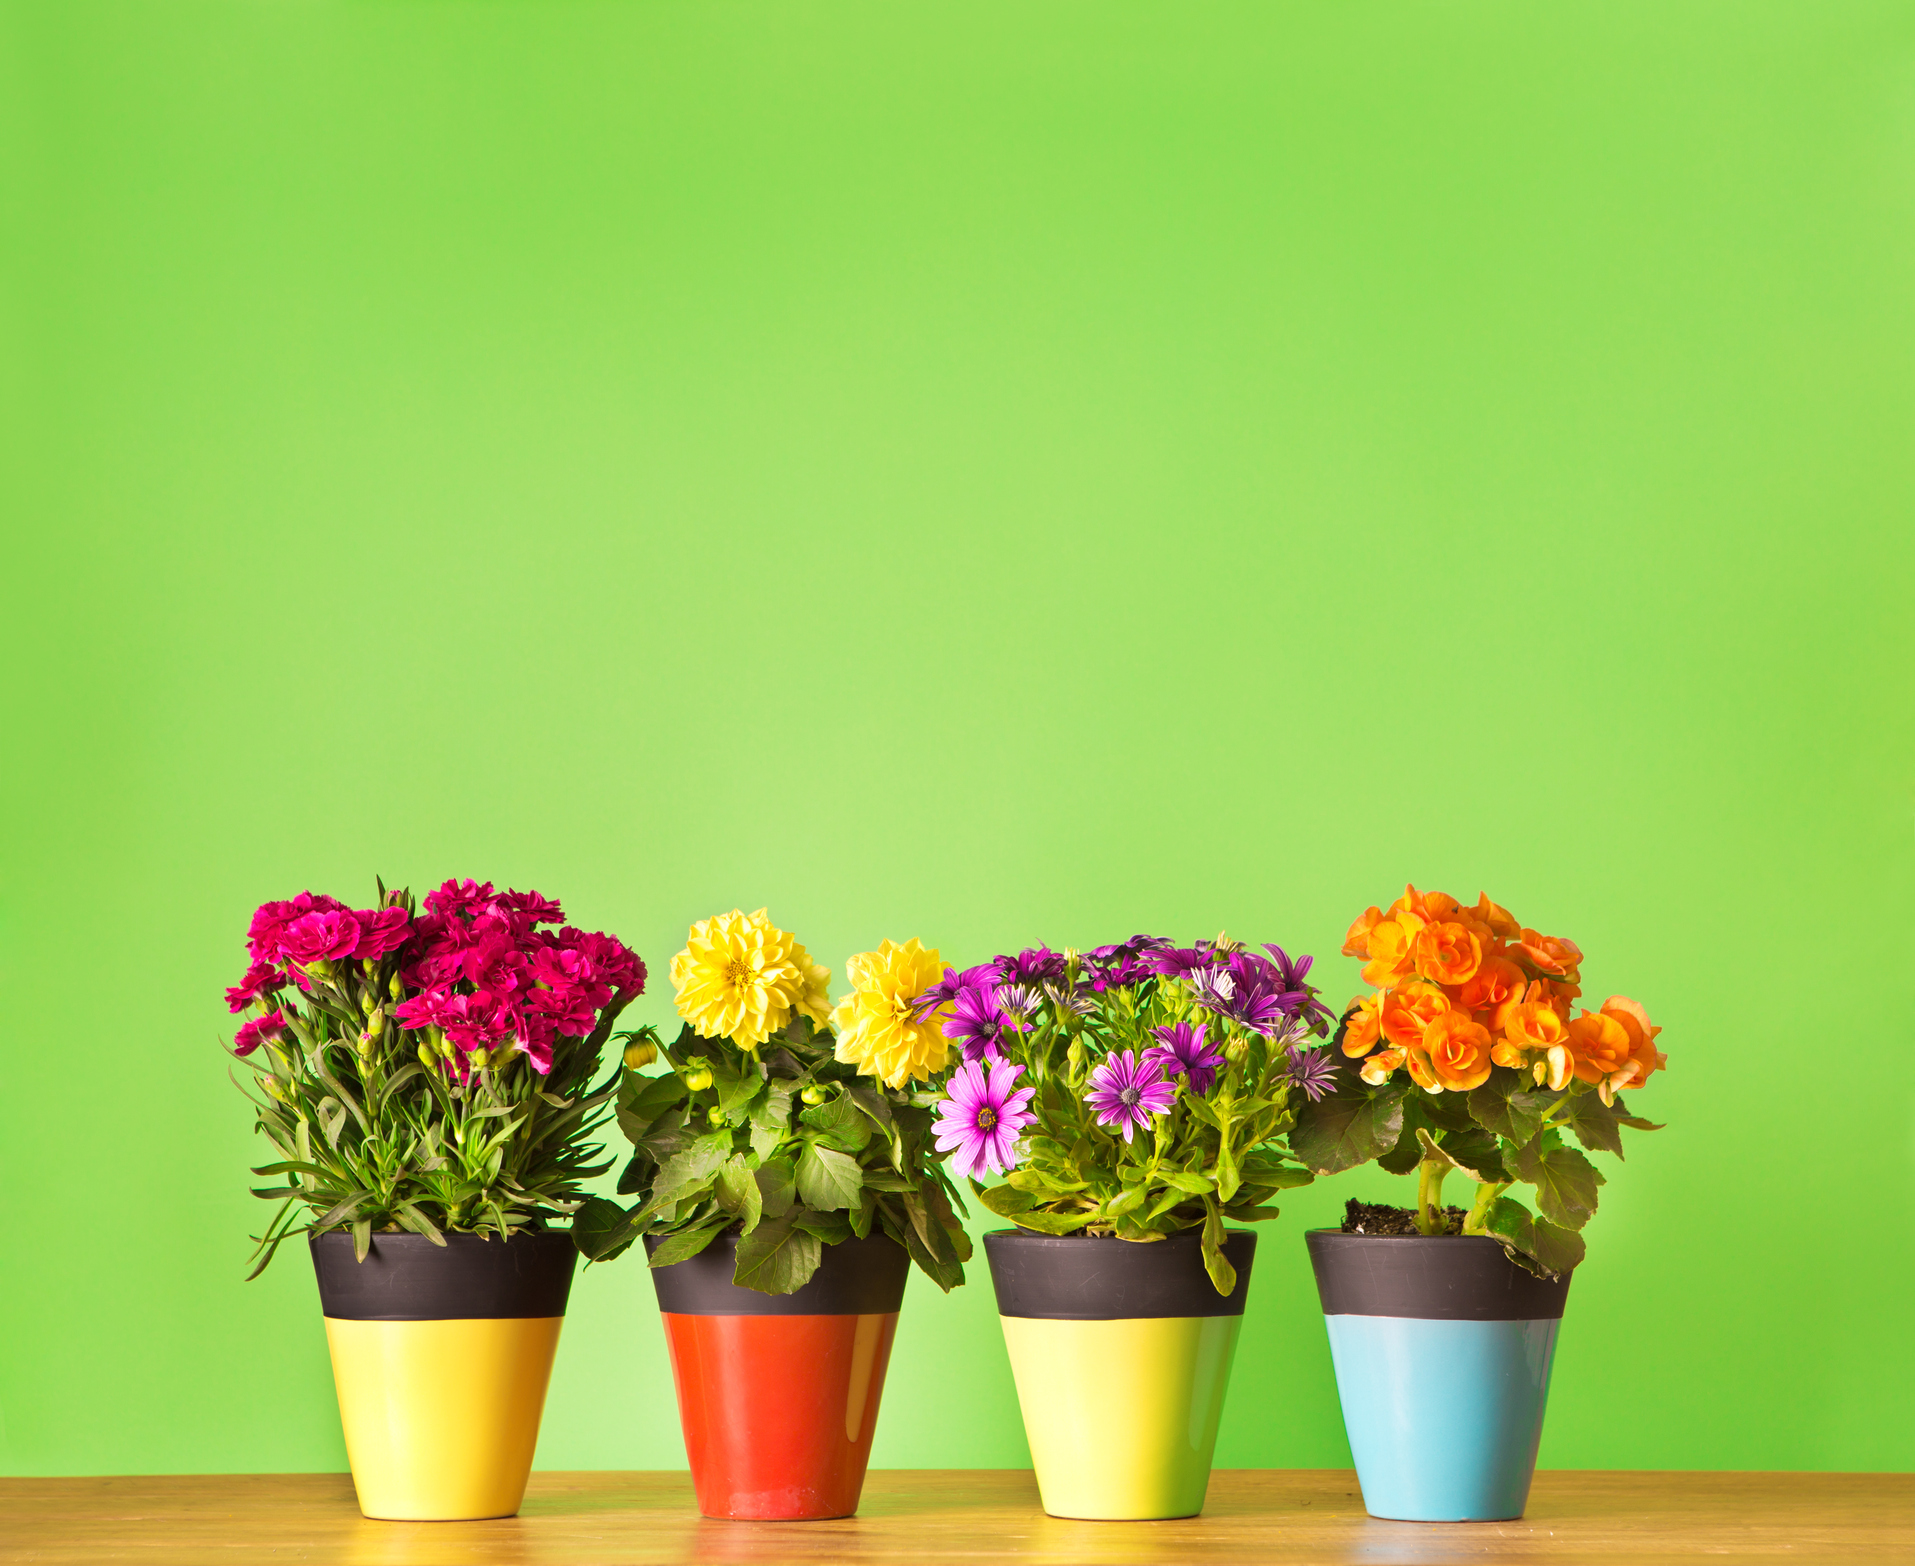 Rega no verão, cuidados para manter as plantas no seu melhor